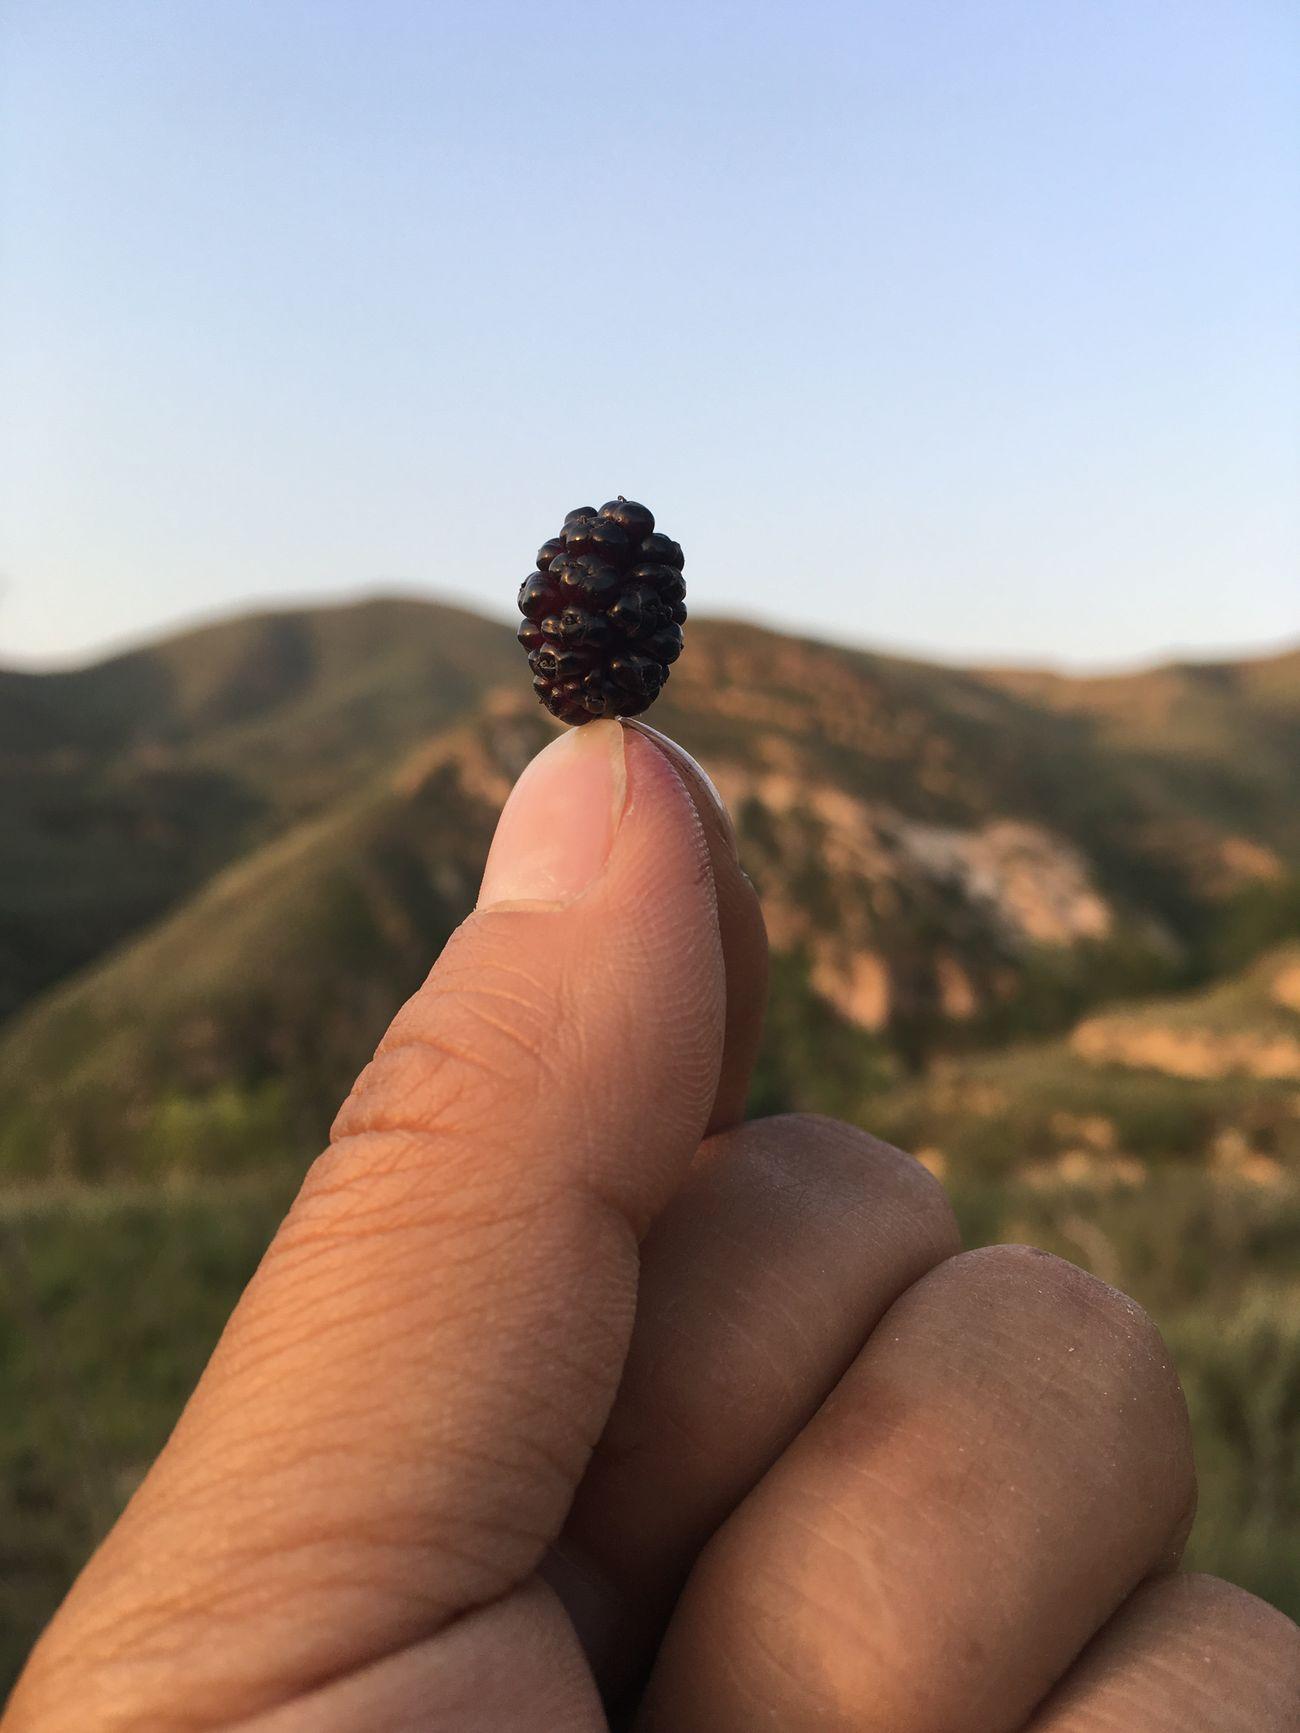 Wg 一个野桑葚和它的大山